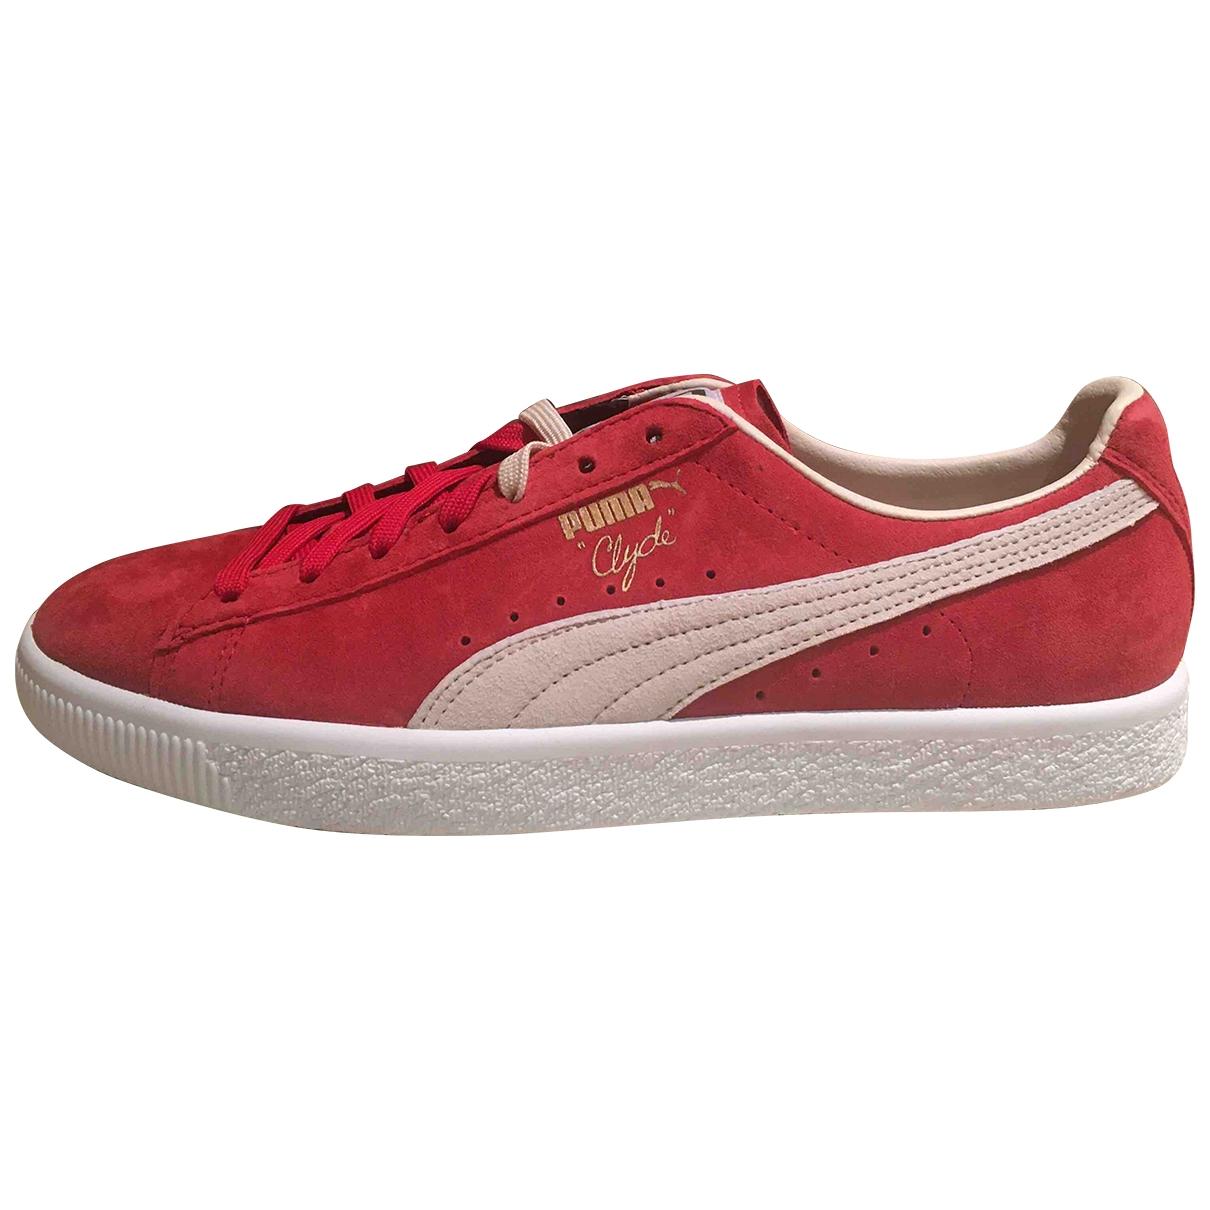 Puma - Baskets   pour homme en cuir - rouge